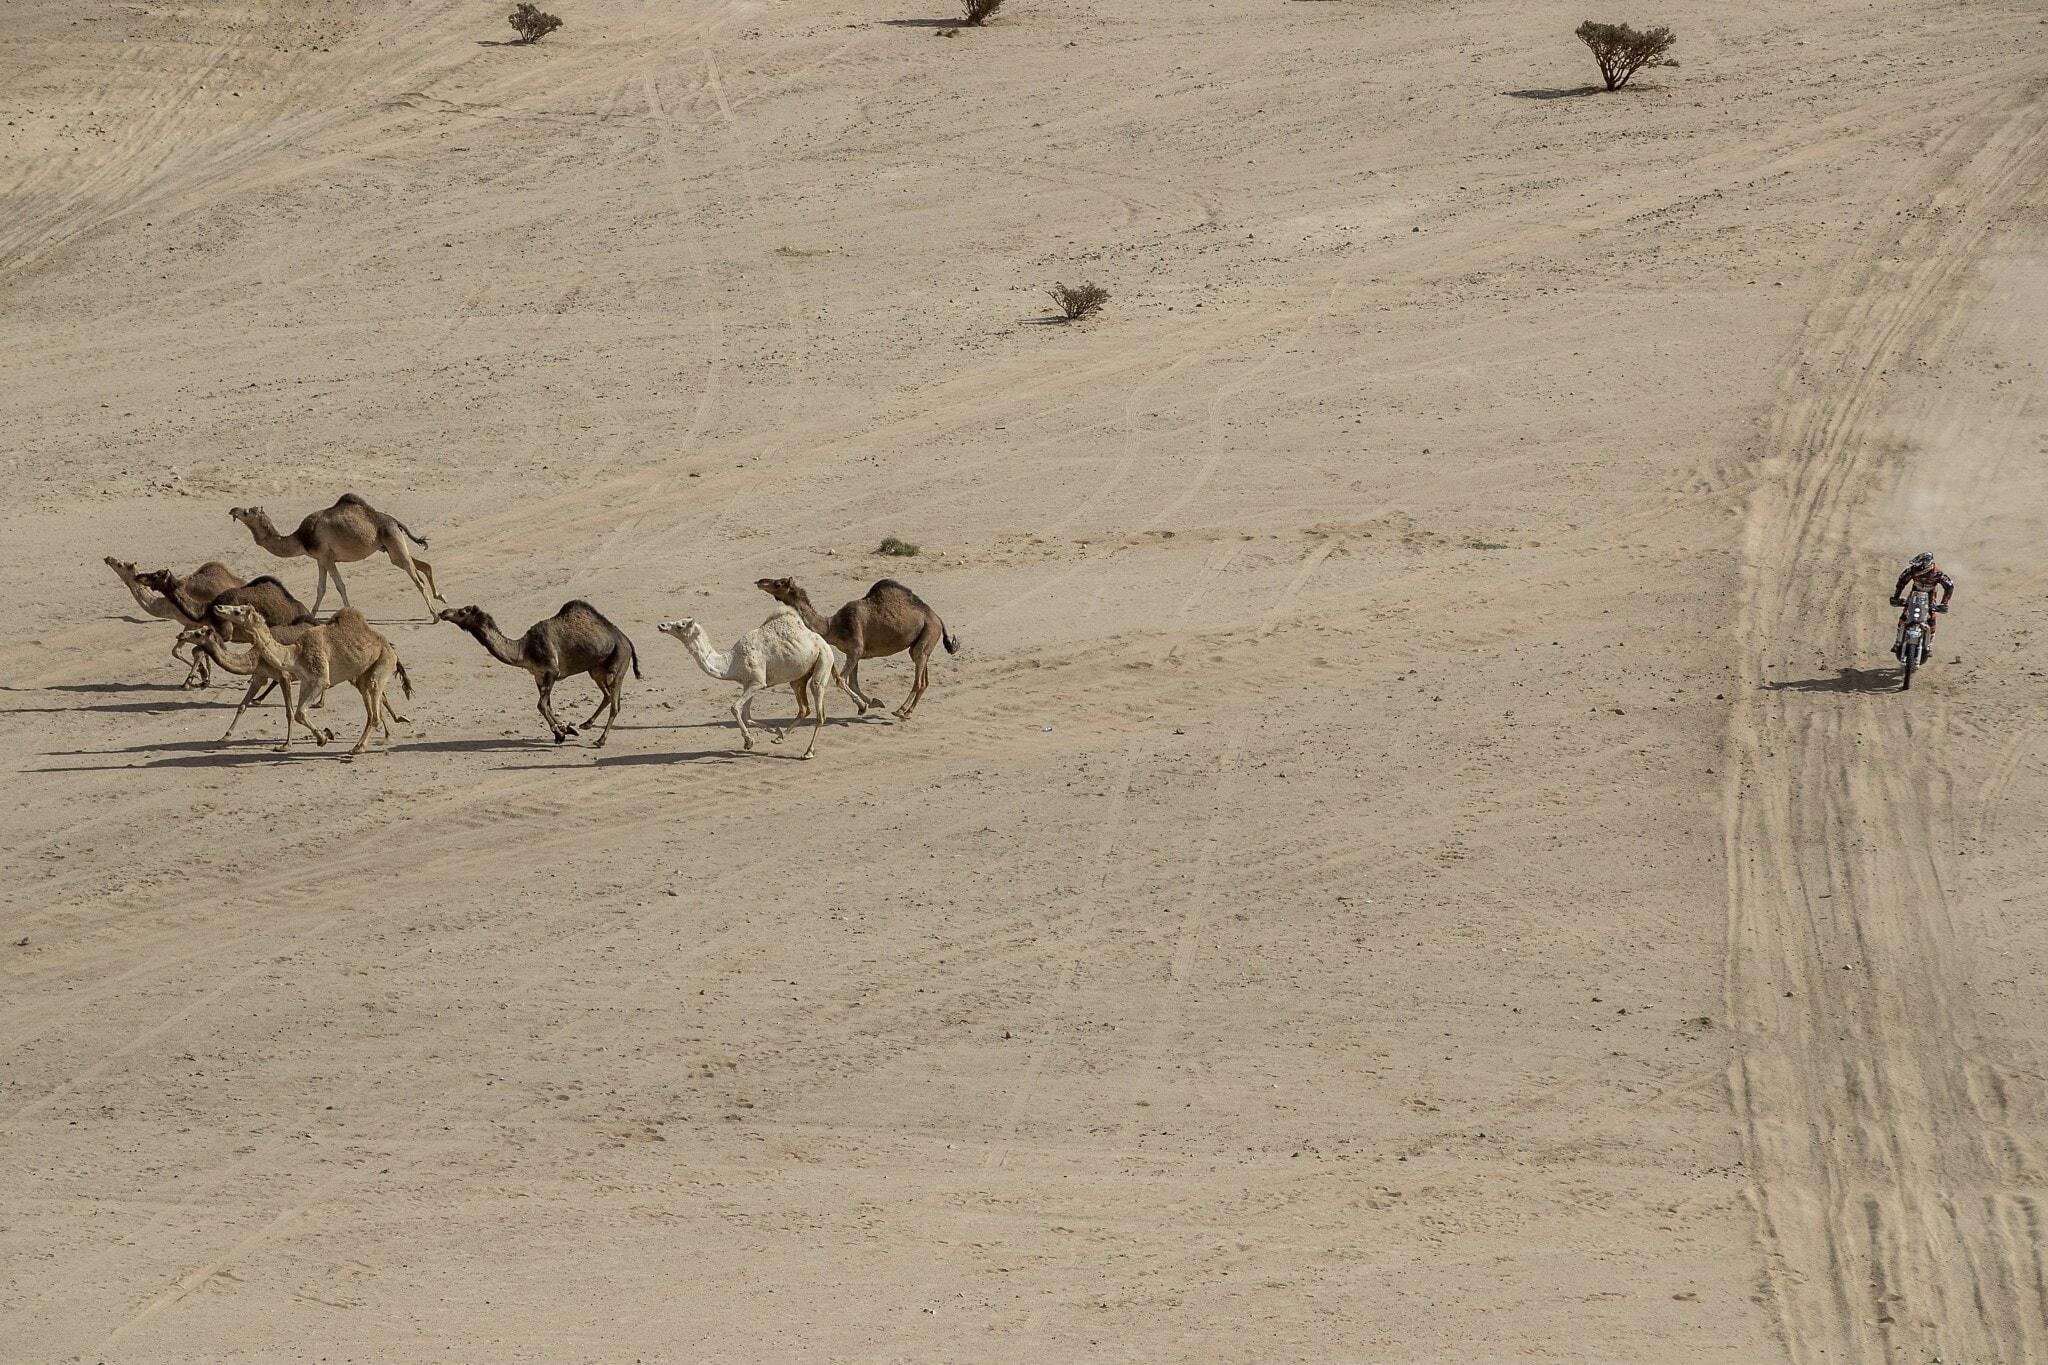 מקצה של מירוץ דקאר עובר במדבריות ערב הסעודית באזור שבו אמורה לקום העיר ניאום, 6 בינואר 2020 (צילום: AP Photo/Bernat Armangue)